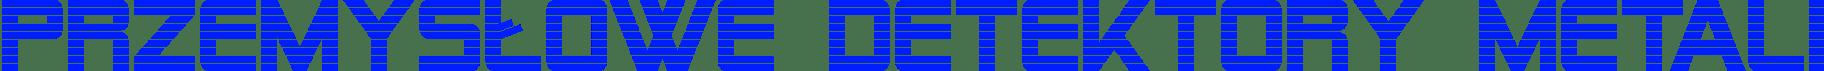 przemyslowe-detektory-metali